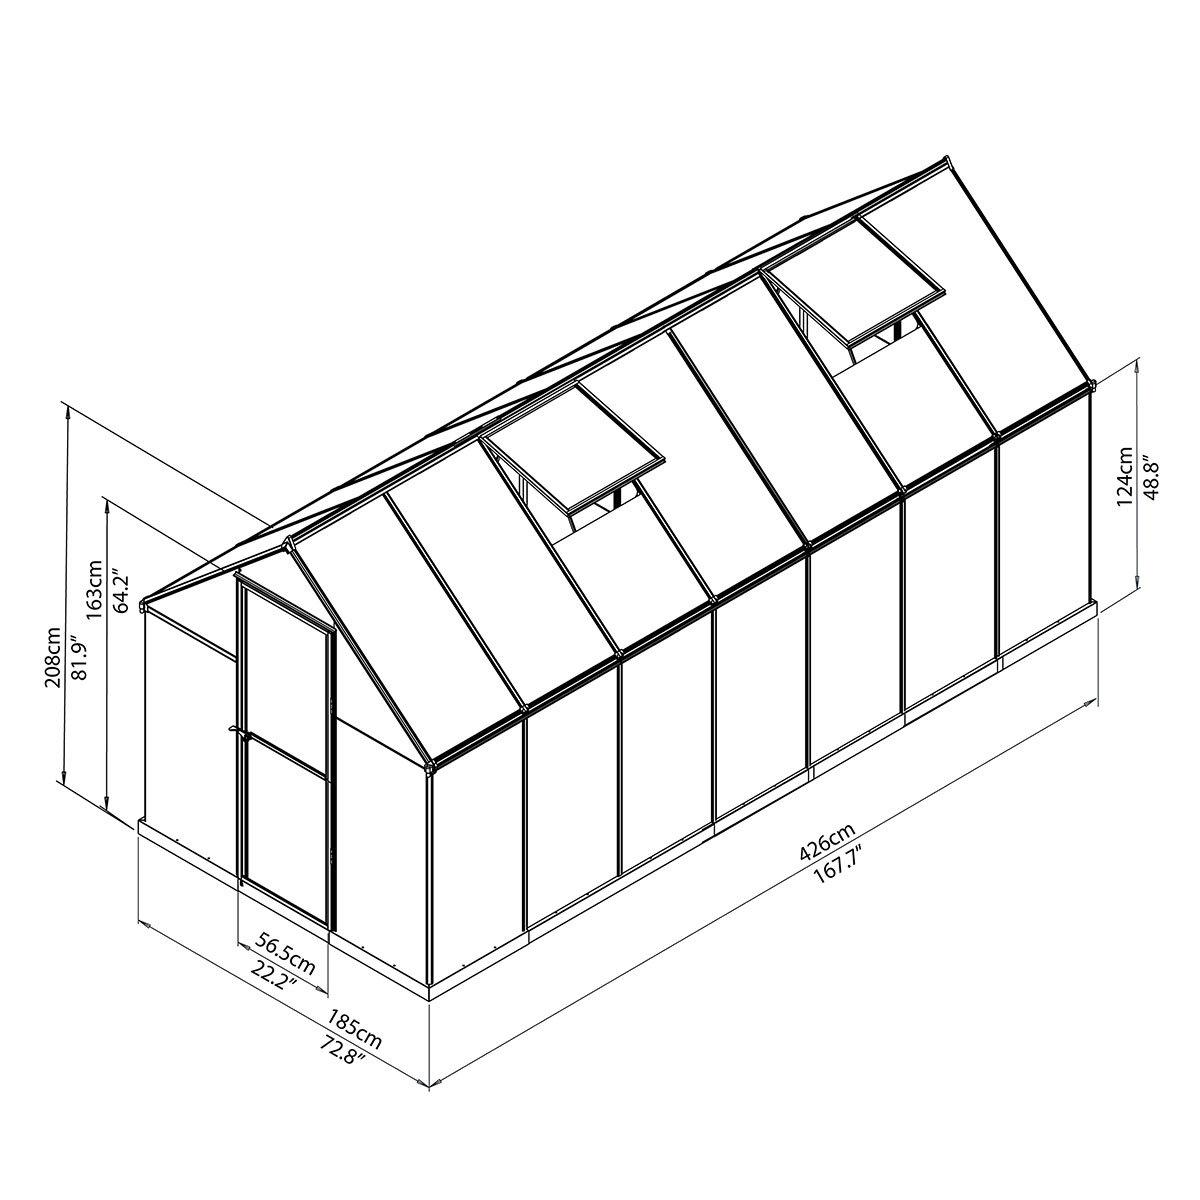 Gewächshaus Multi Line 6 x 14 mit Stahlfundament, 424 x 185 x 209 cm, Aluminium, silber | #9